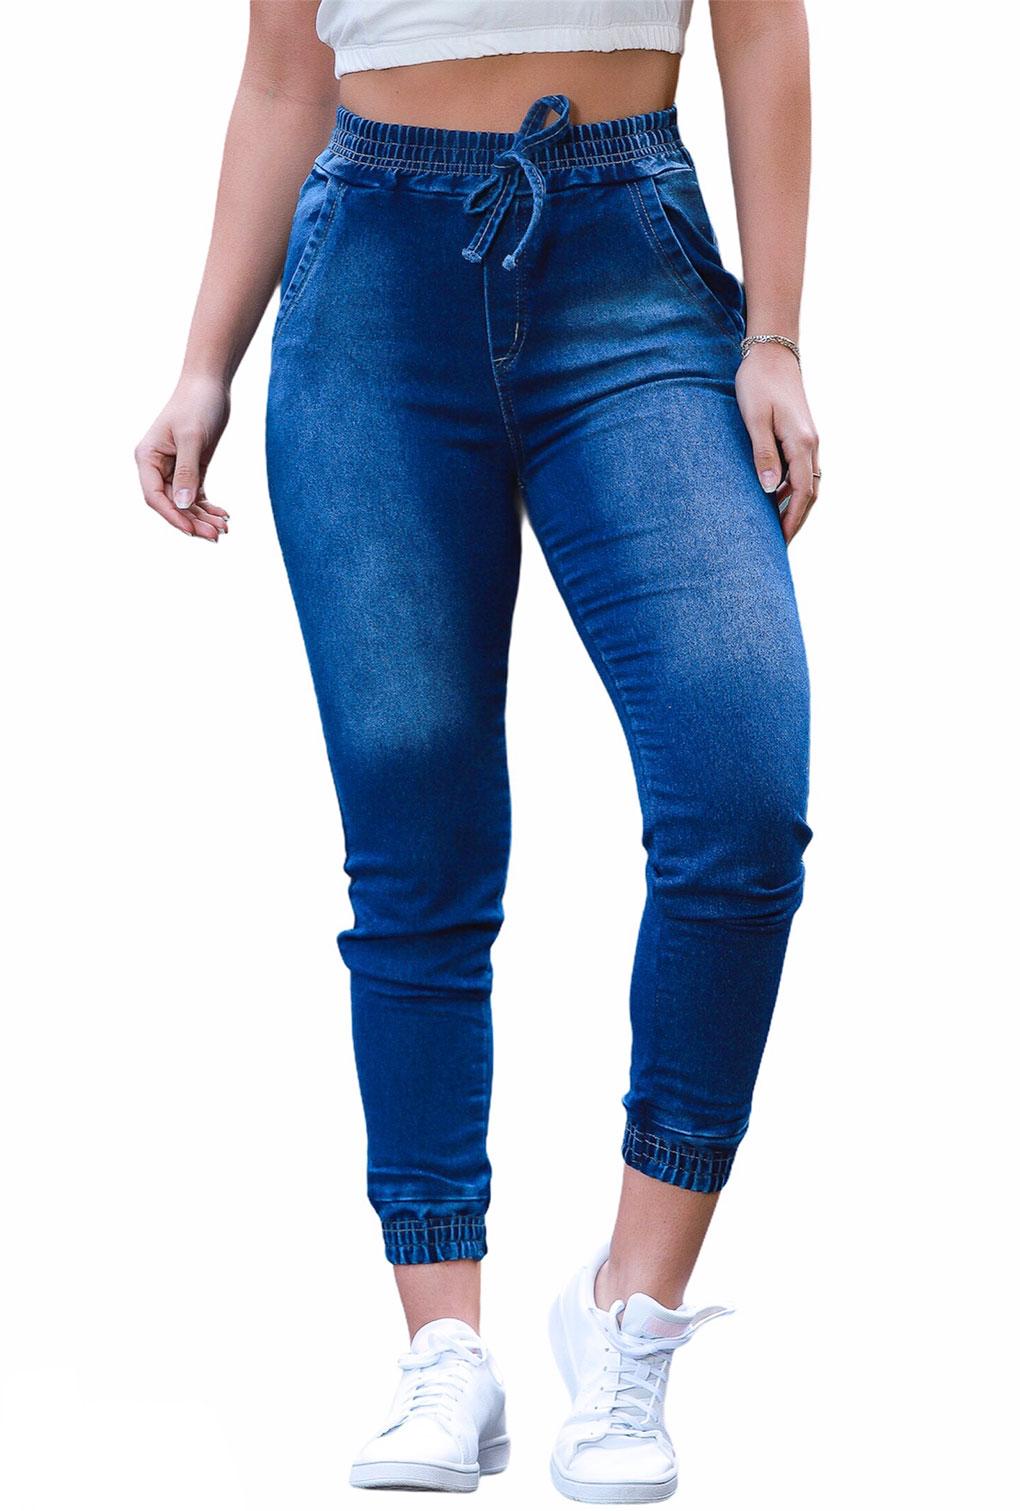 Calça Feminina Jeans Jogger Lisa Com Elástico Na Cintura E Barra  - ModaStore | Moda Feminina